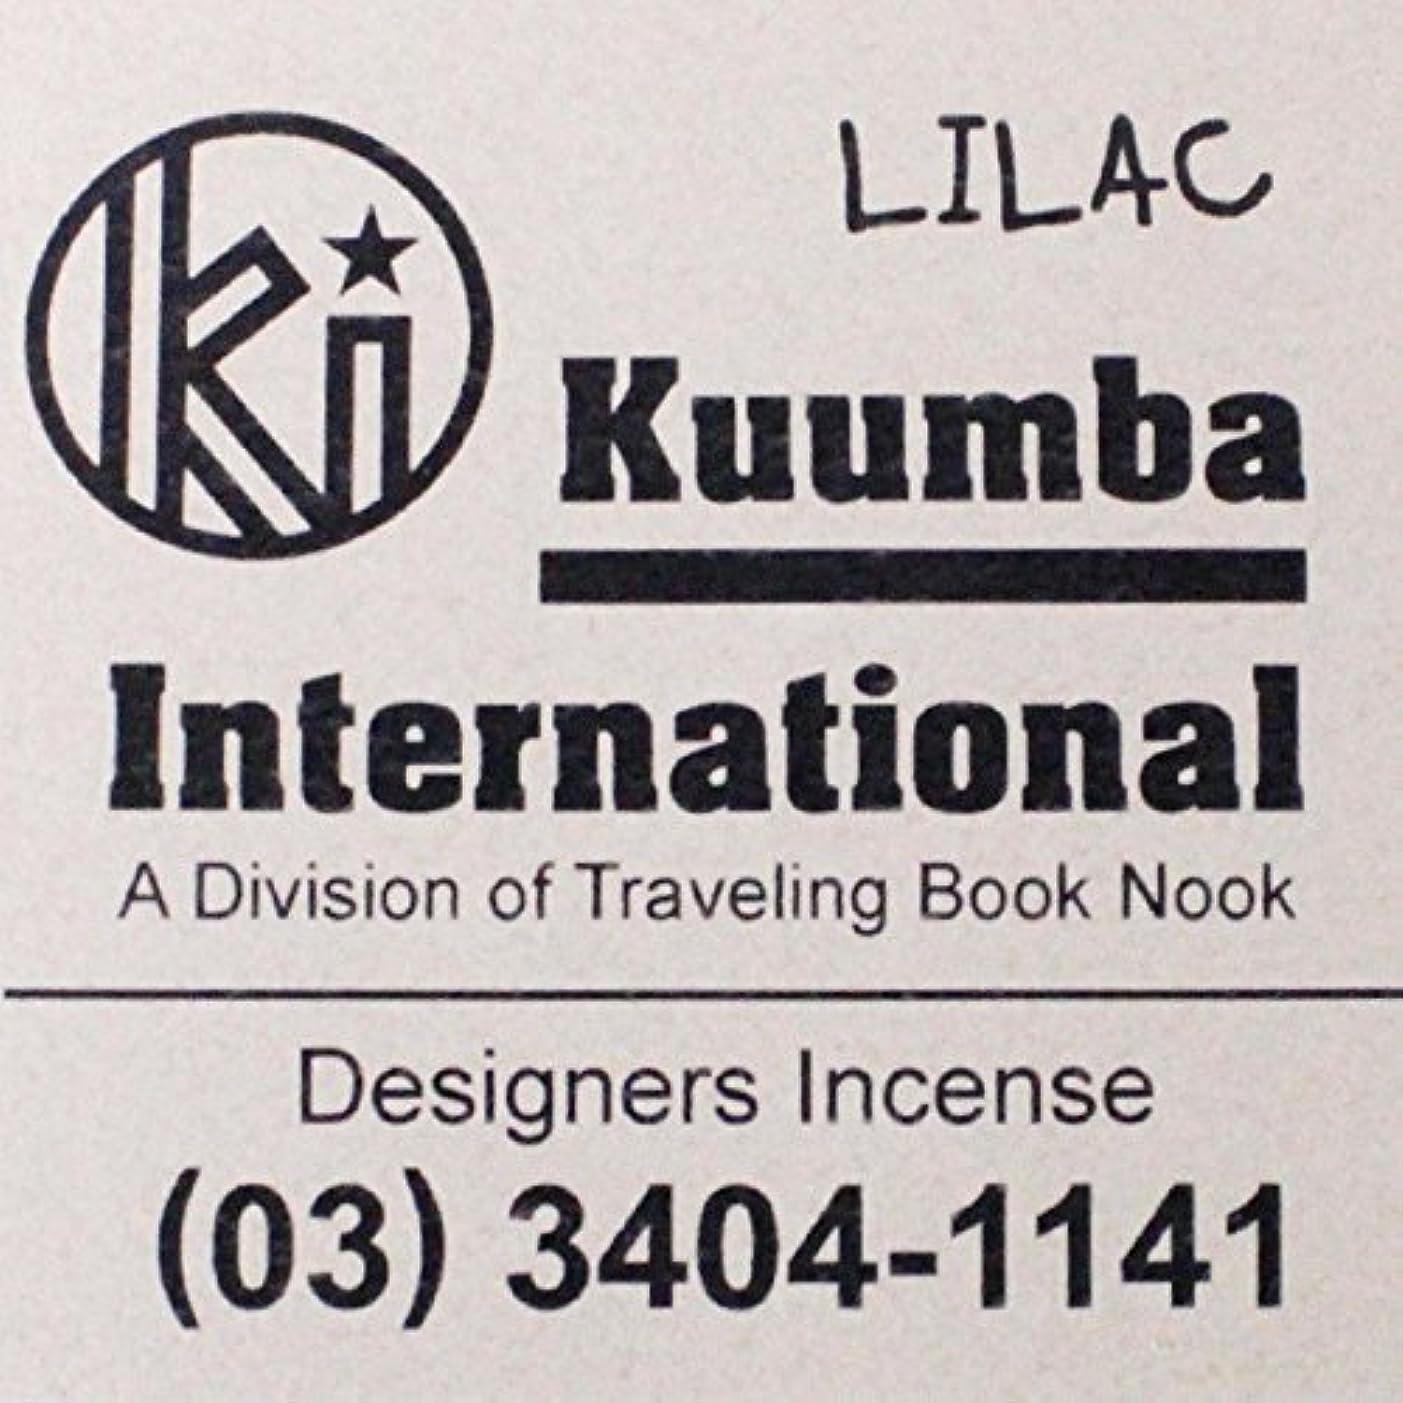 生物学明確なぴったり(クンバ) KUUMBA『incense』(LILAC) (Regular size)